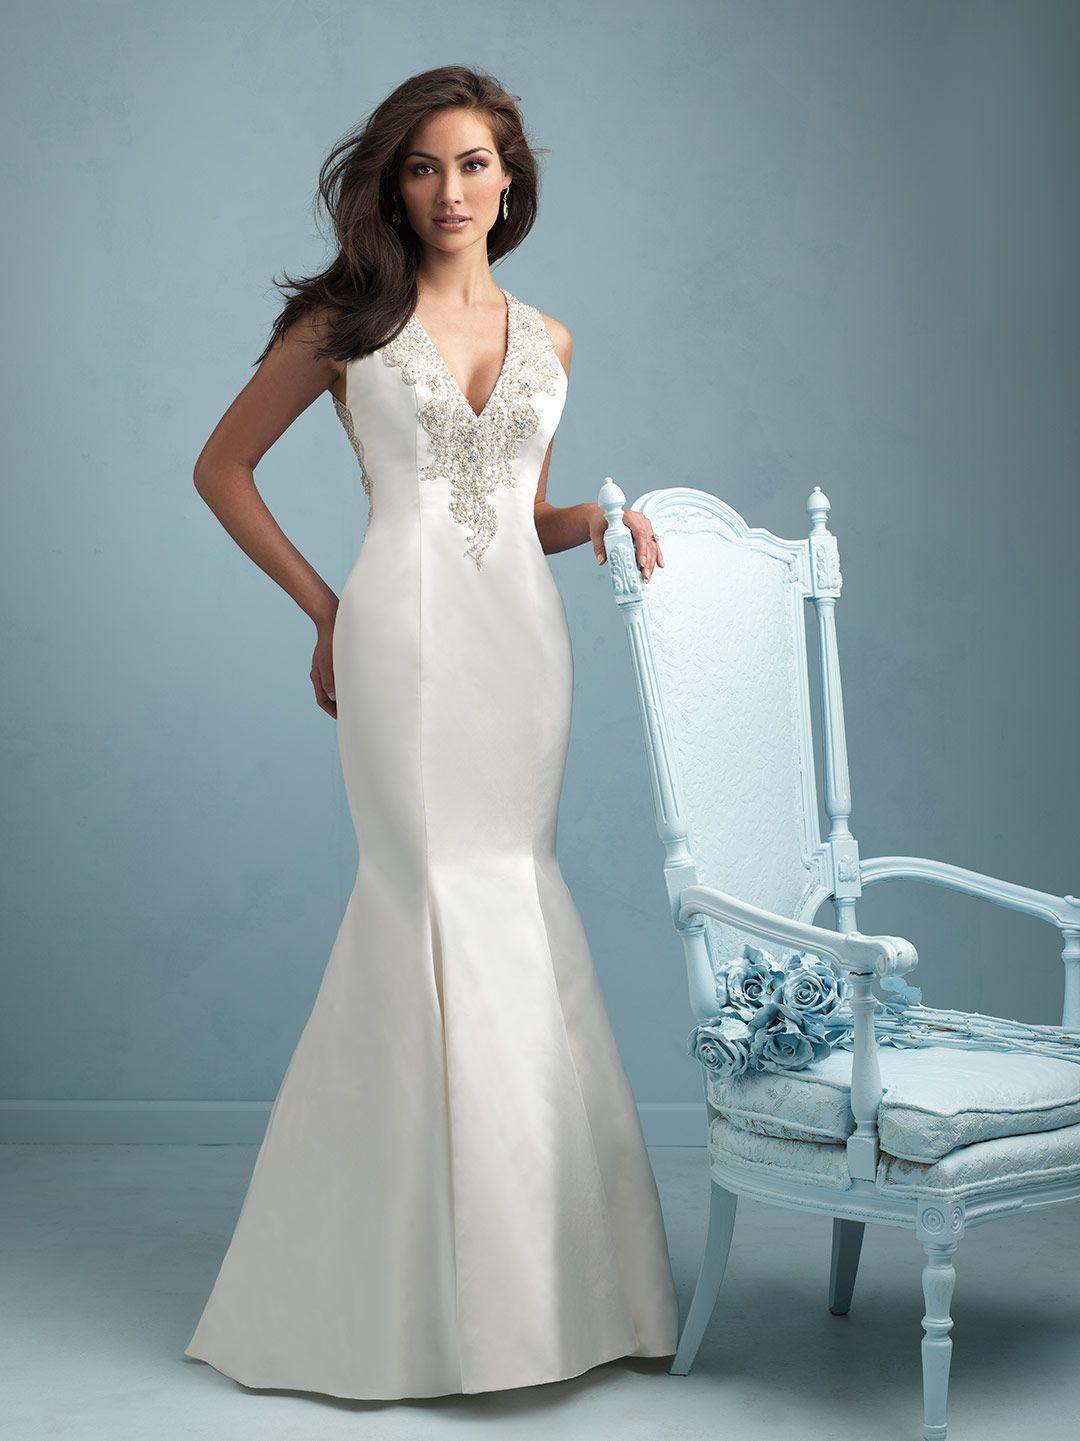 Allure Bridals: 9219 | A L L U R E BRIDALS | Pinterest | Allure ...